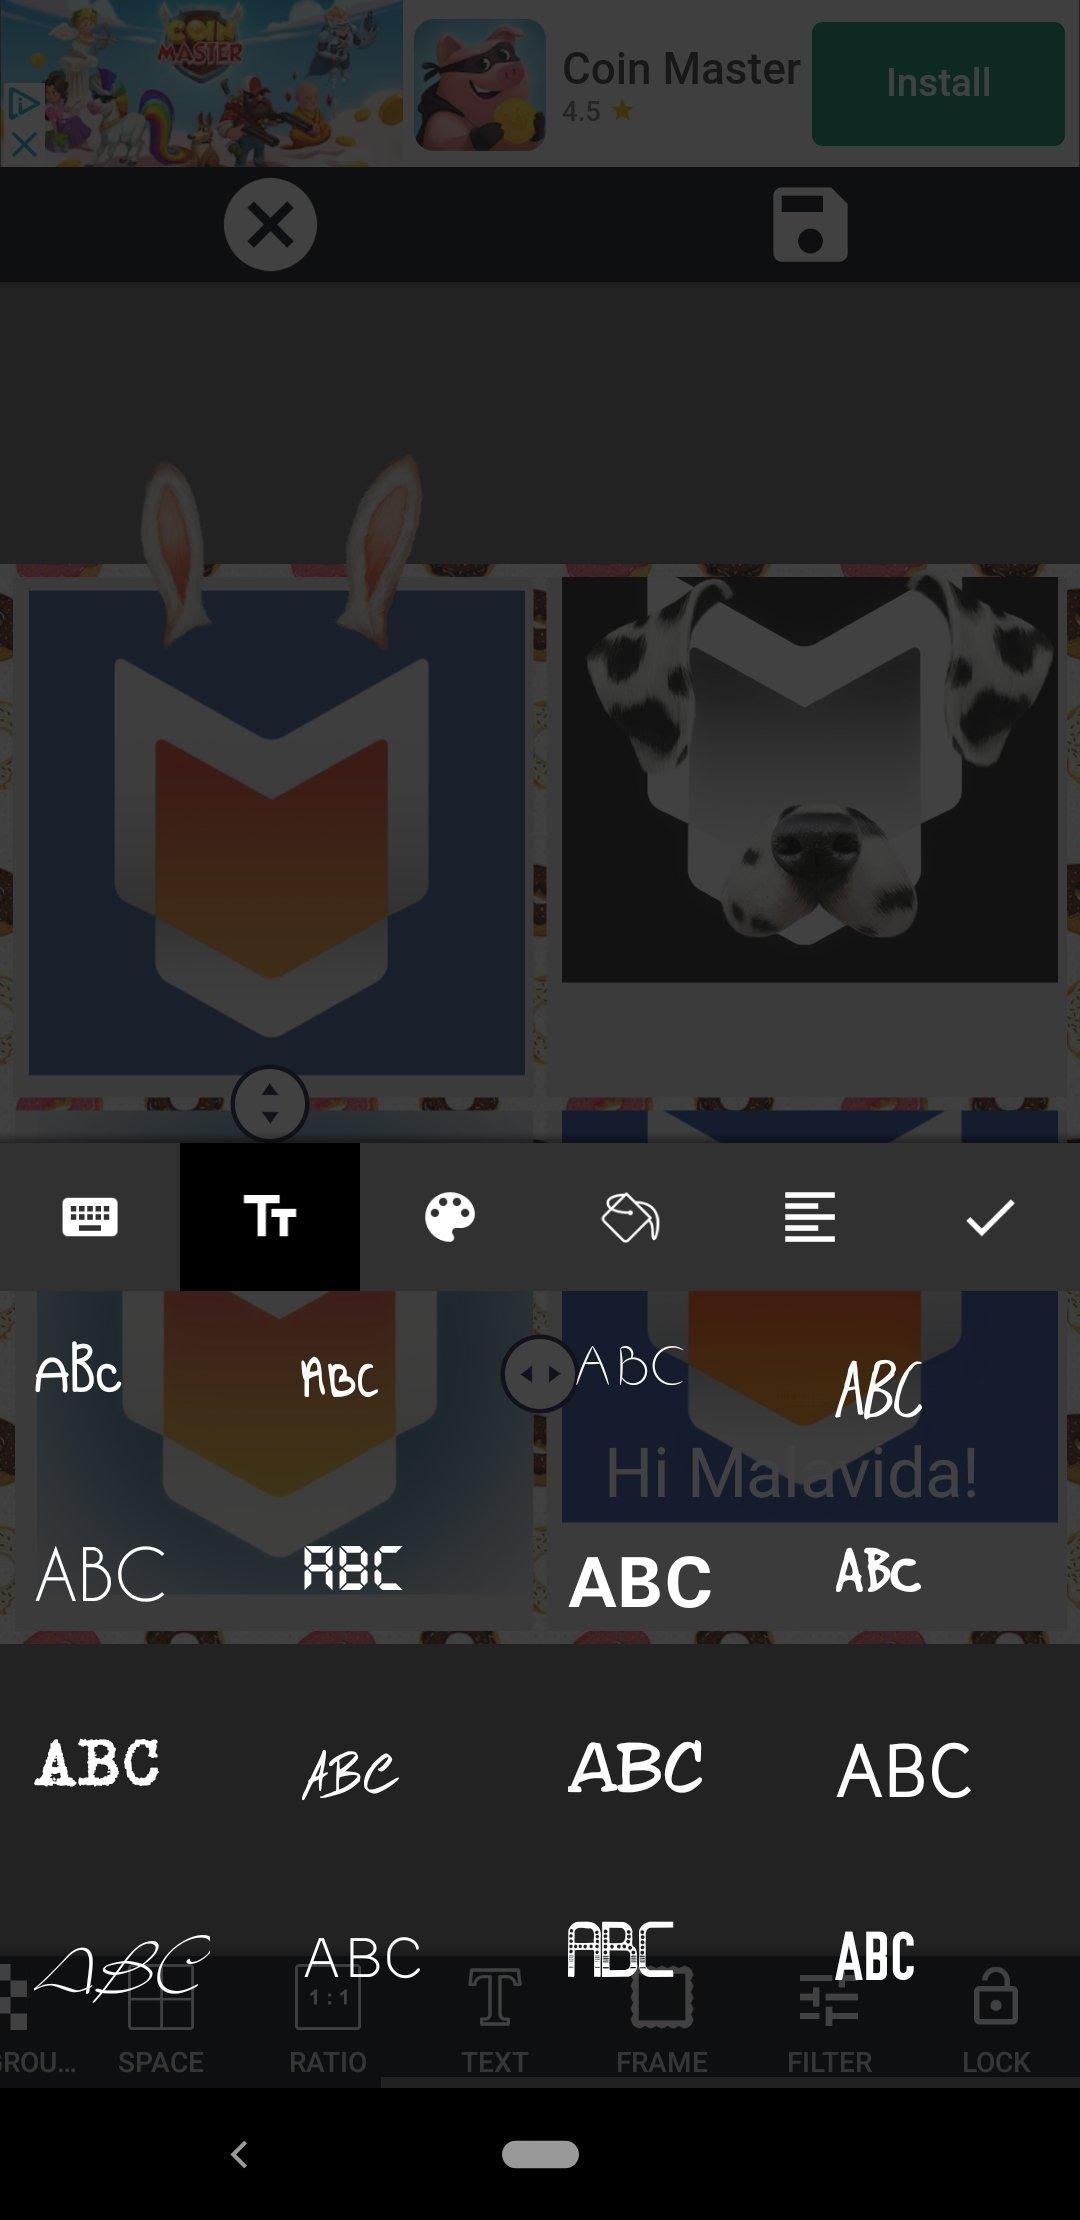 Descargar Foto Editor Collage Maker 1.3.7 para Android - APK Gratis ...